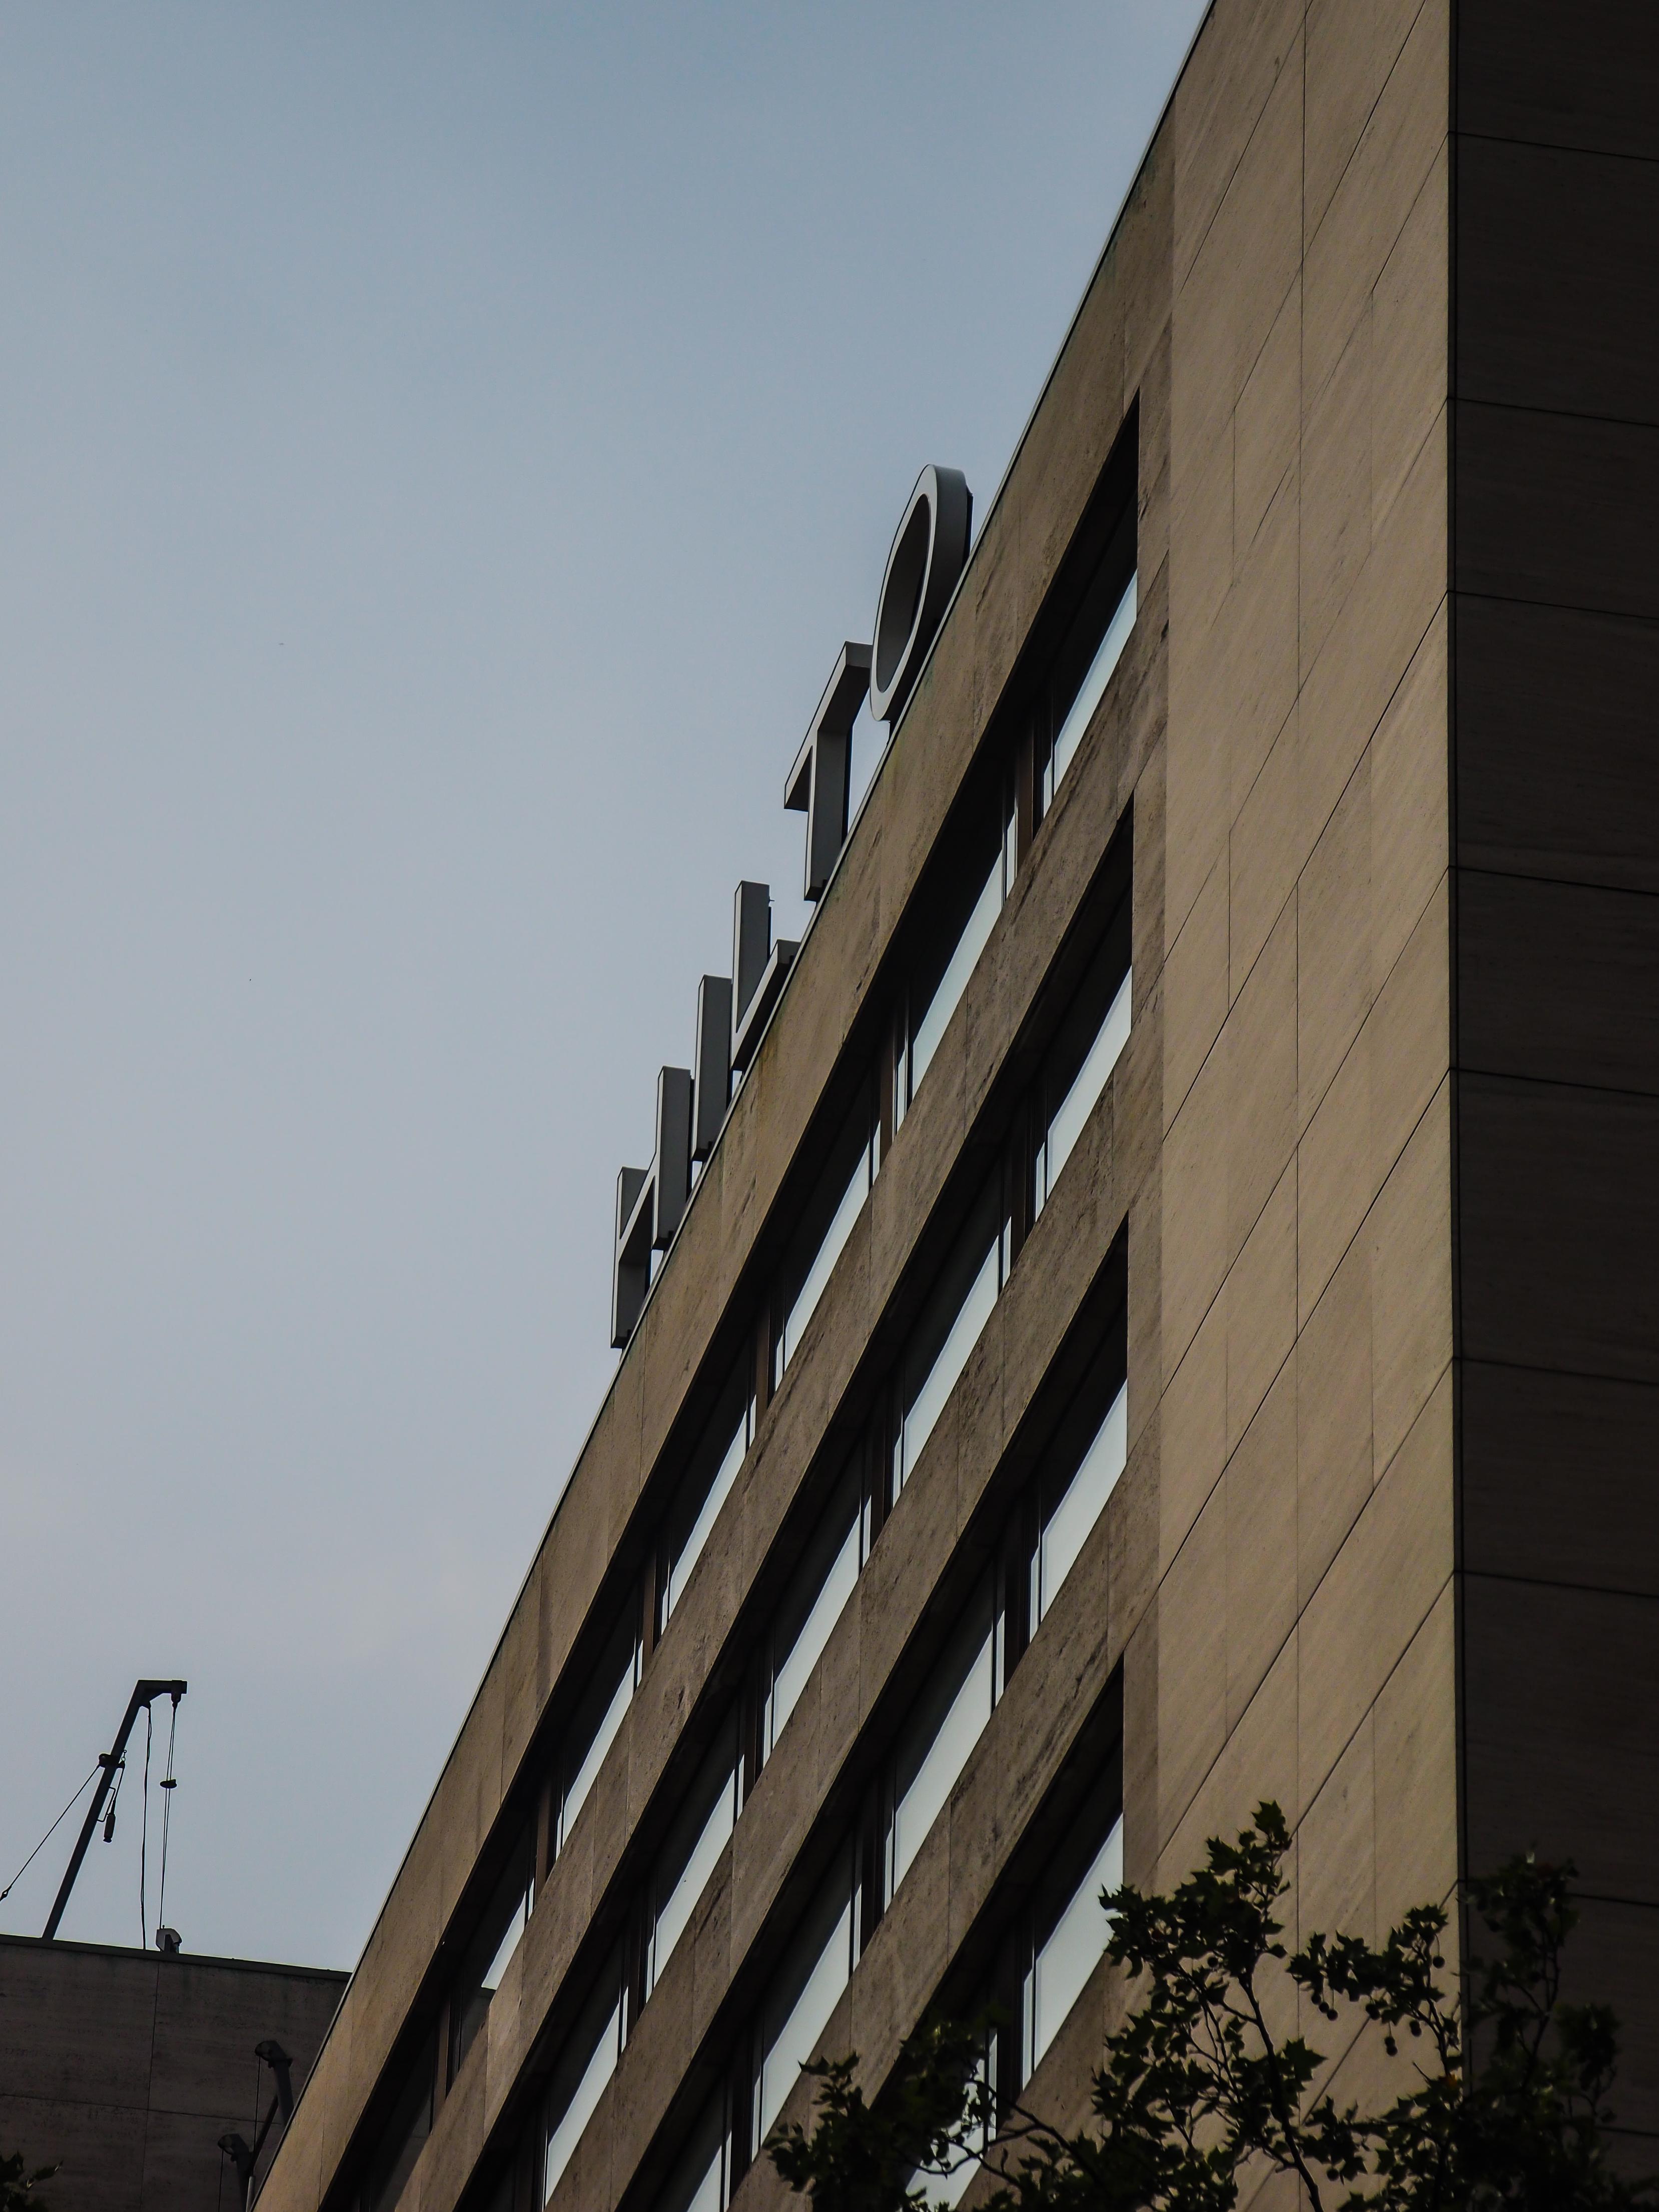 Urban_Architektur-46